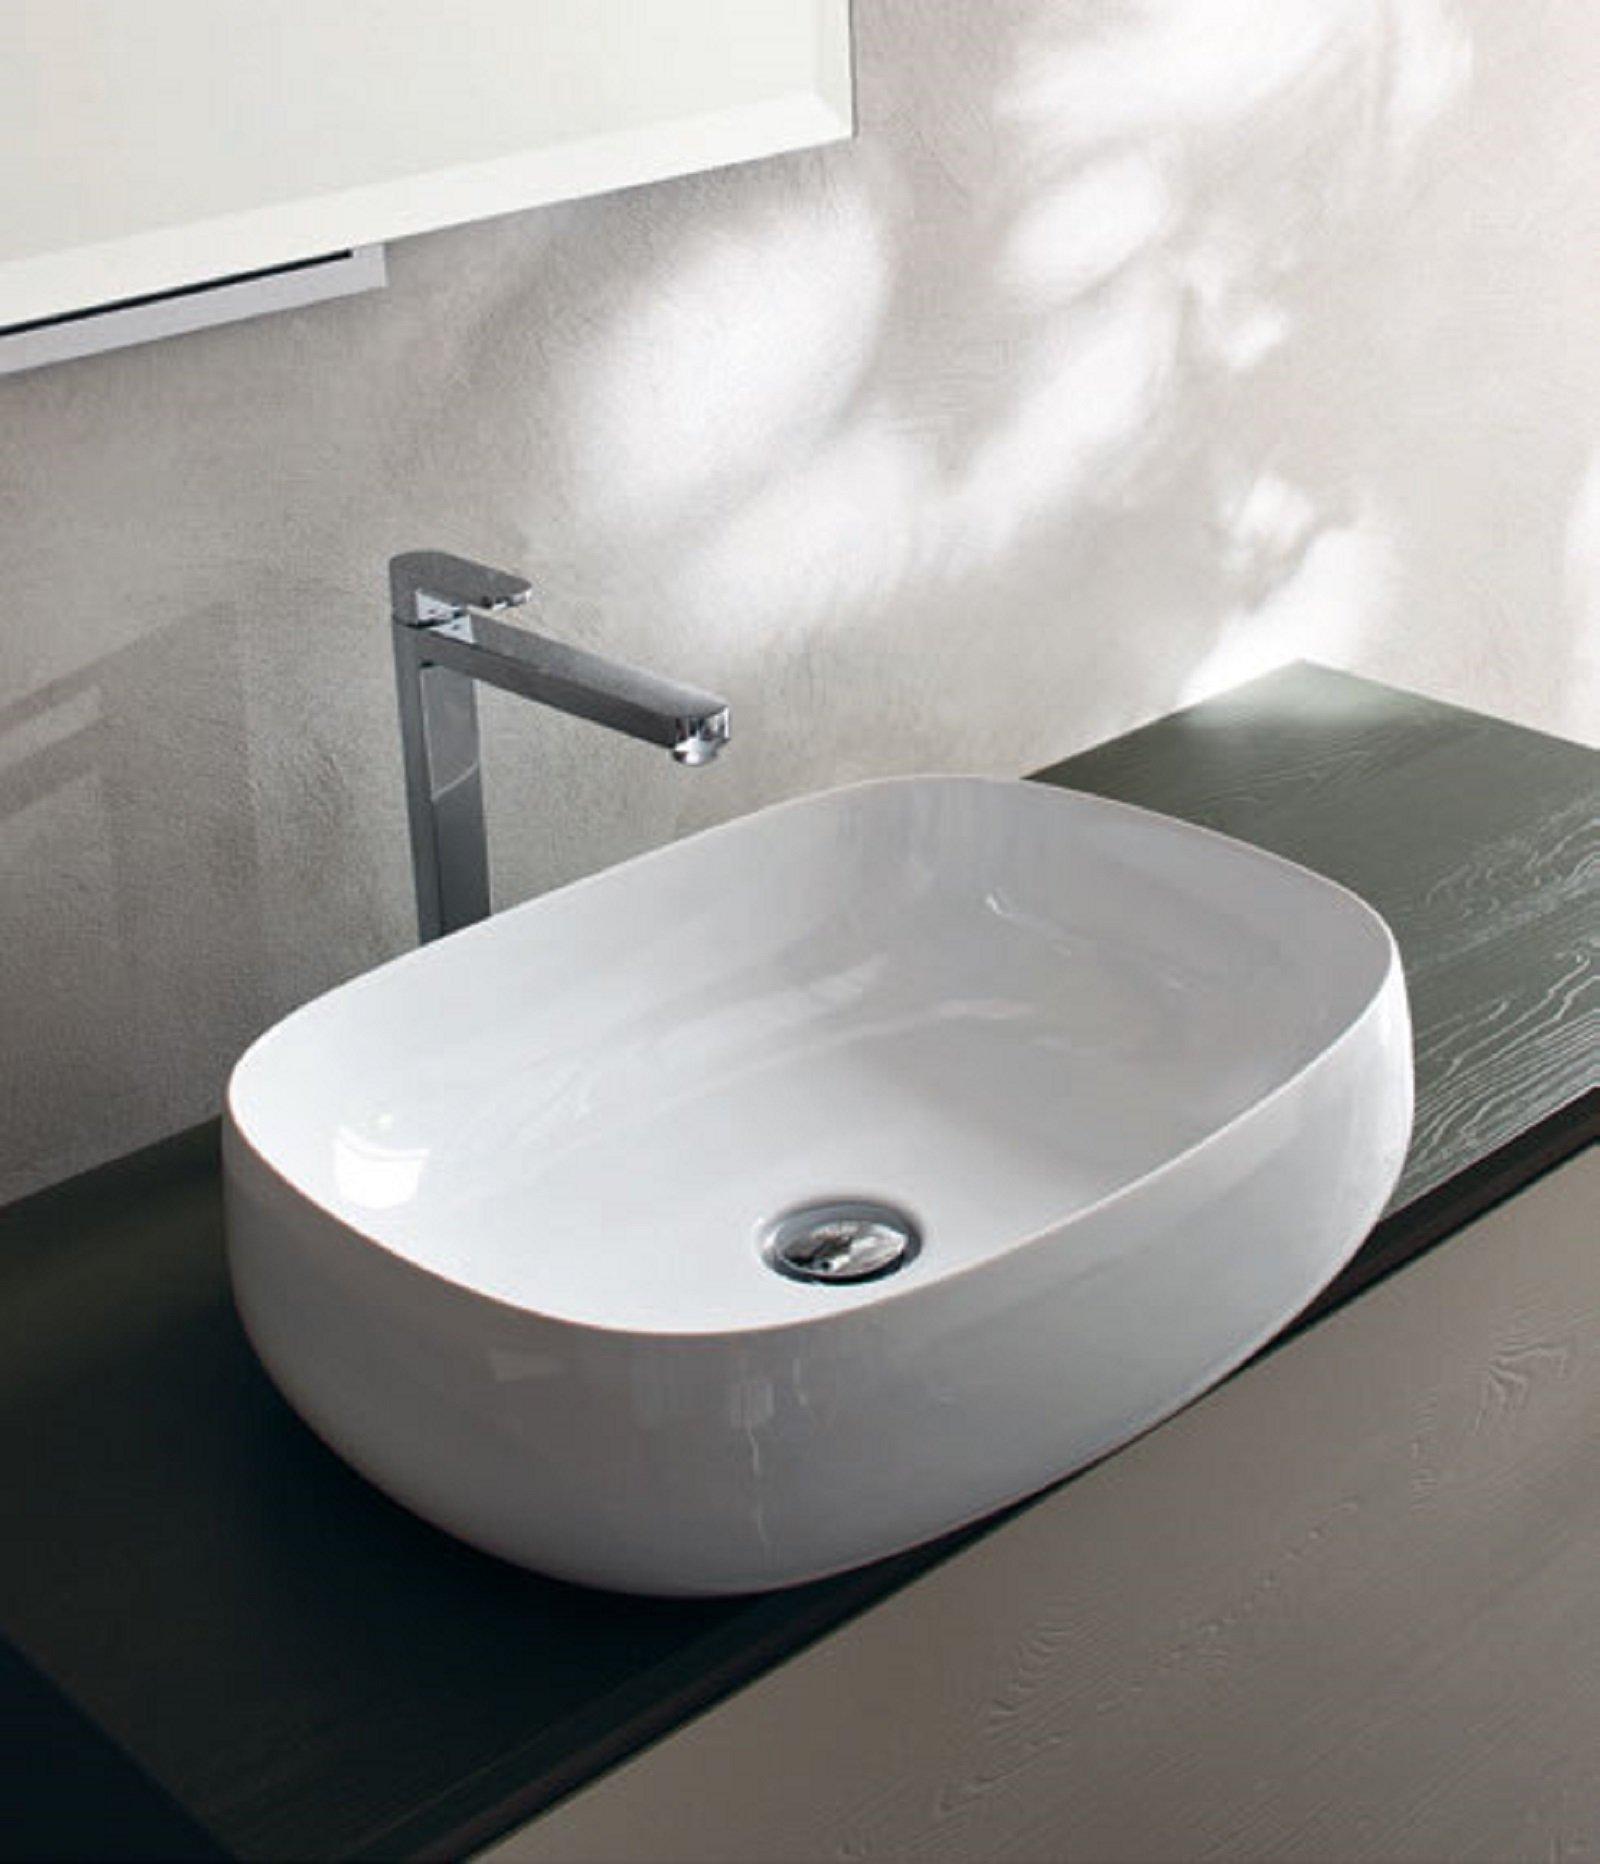 Fanno tendenza i moderni lavabi d appoggio che donano - Lavandini da appoggio bagno ...